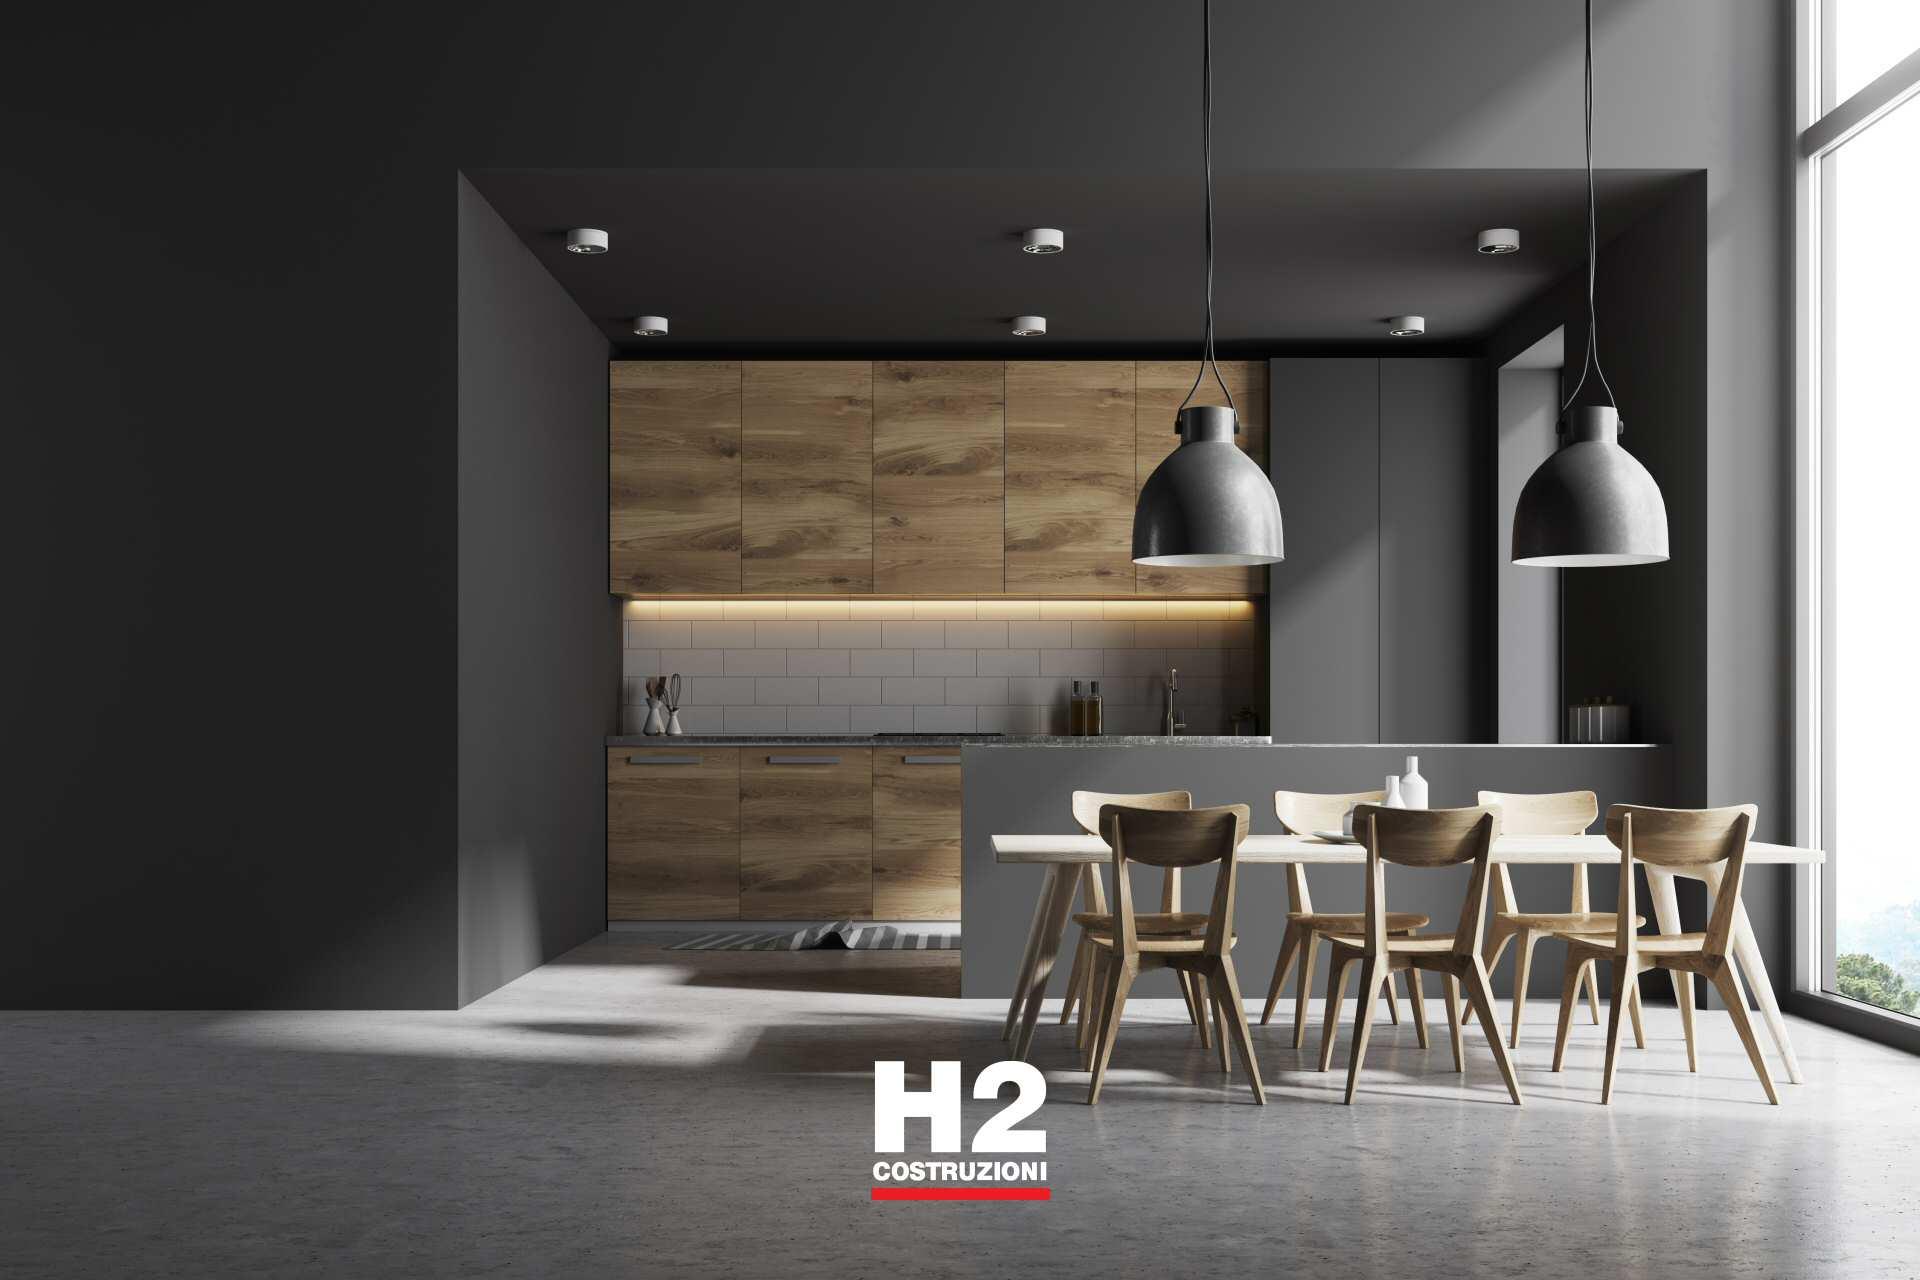 Camere da letto moderne e classiche. Arredamento Completo E Ristrutturazione Casa Bagno Cucina